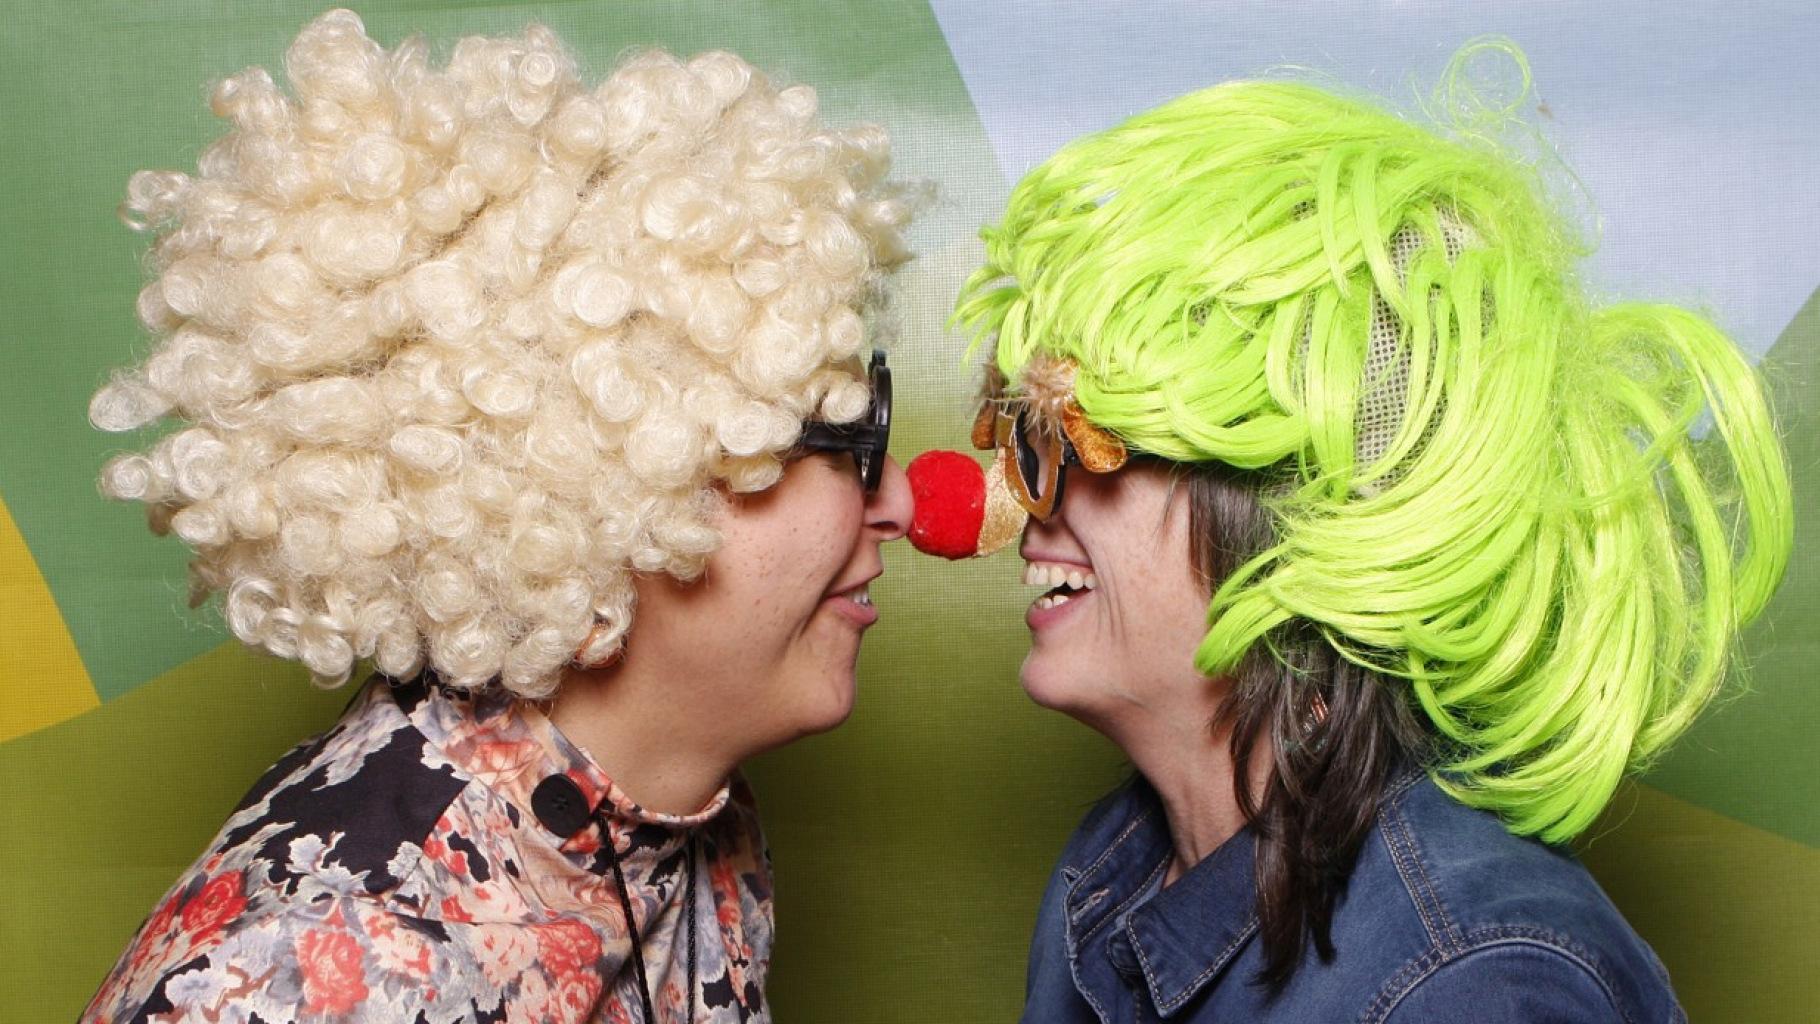 Karnevals- und Faschingskostüme aus dem Oxfam Shop